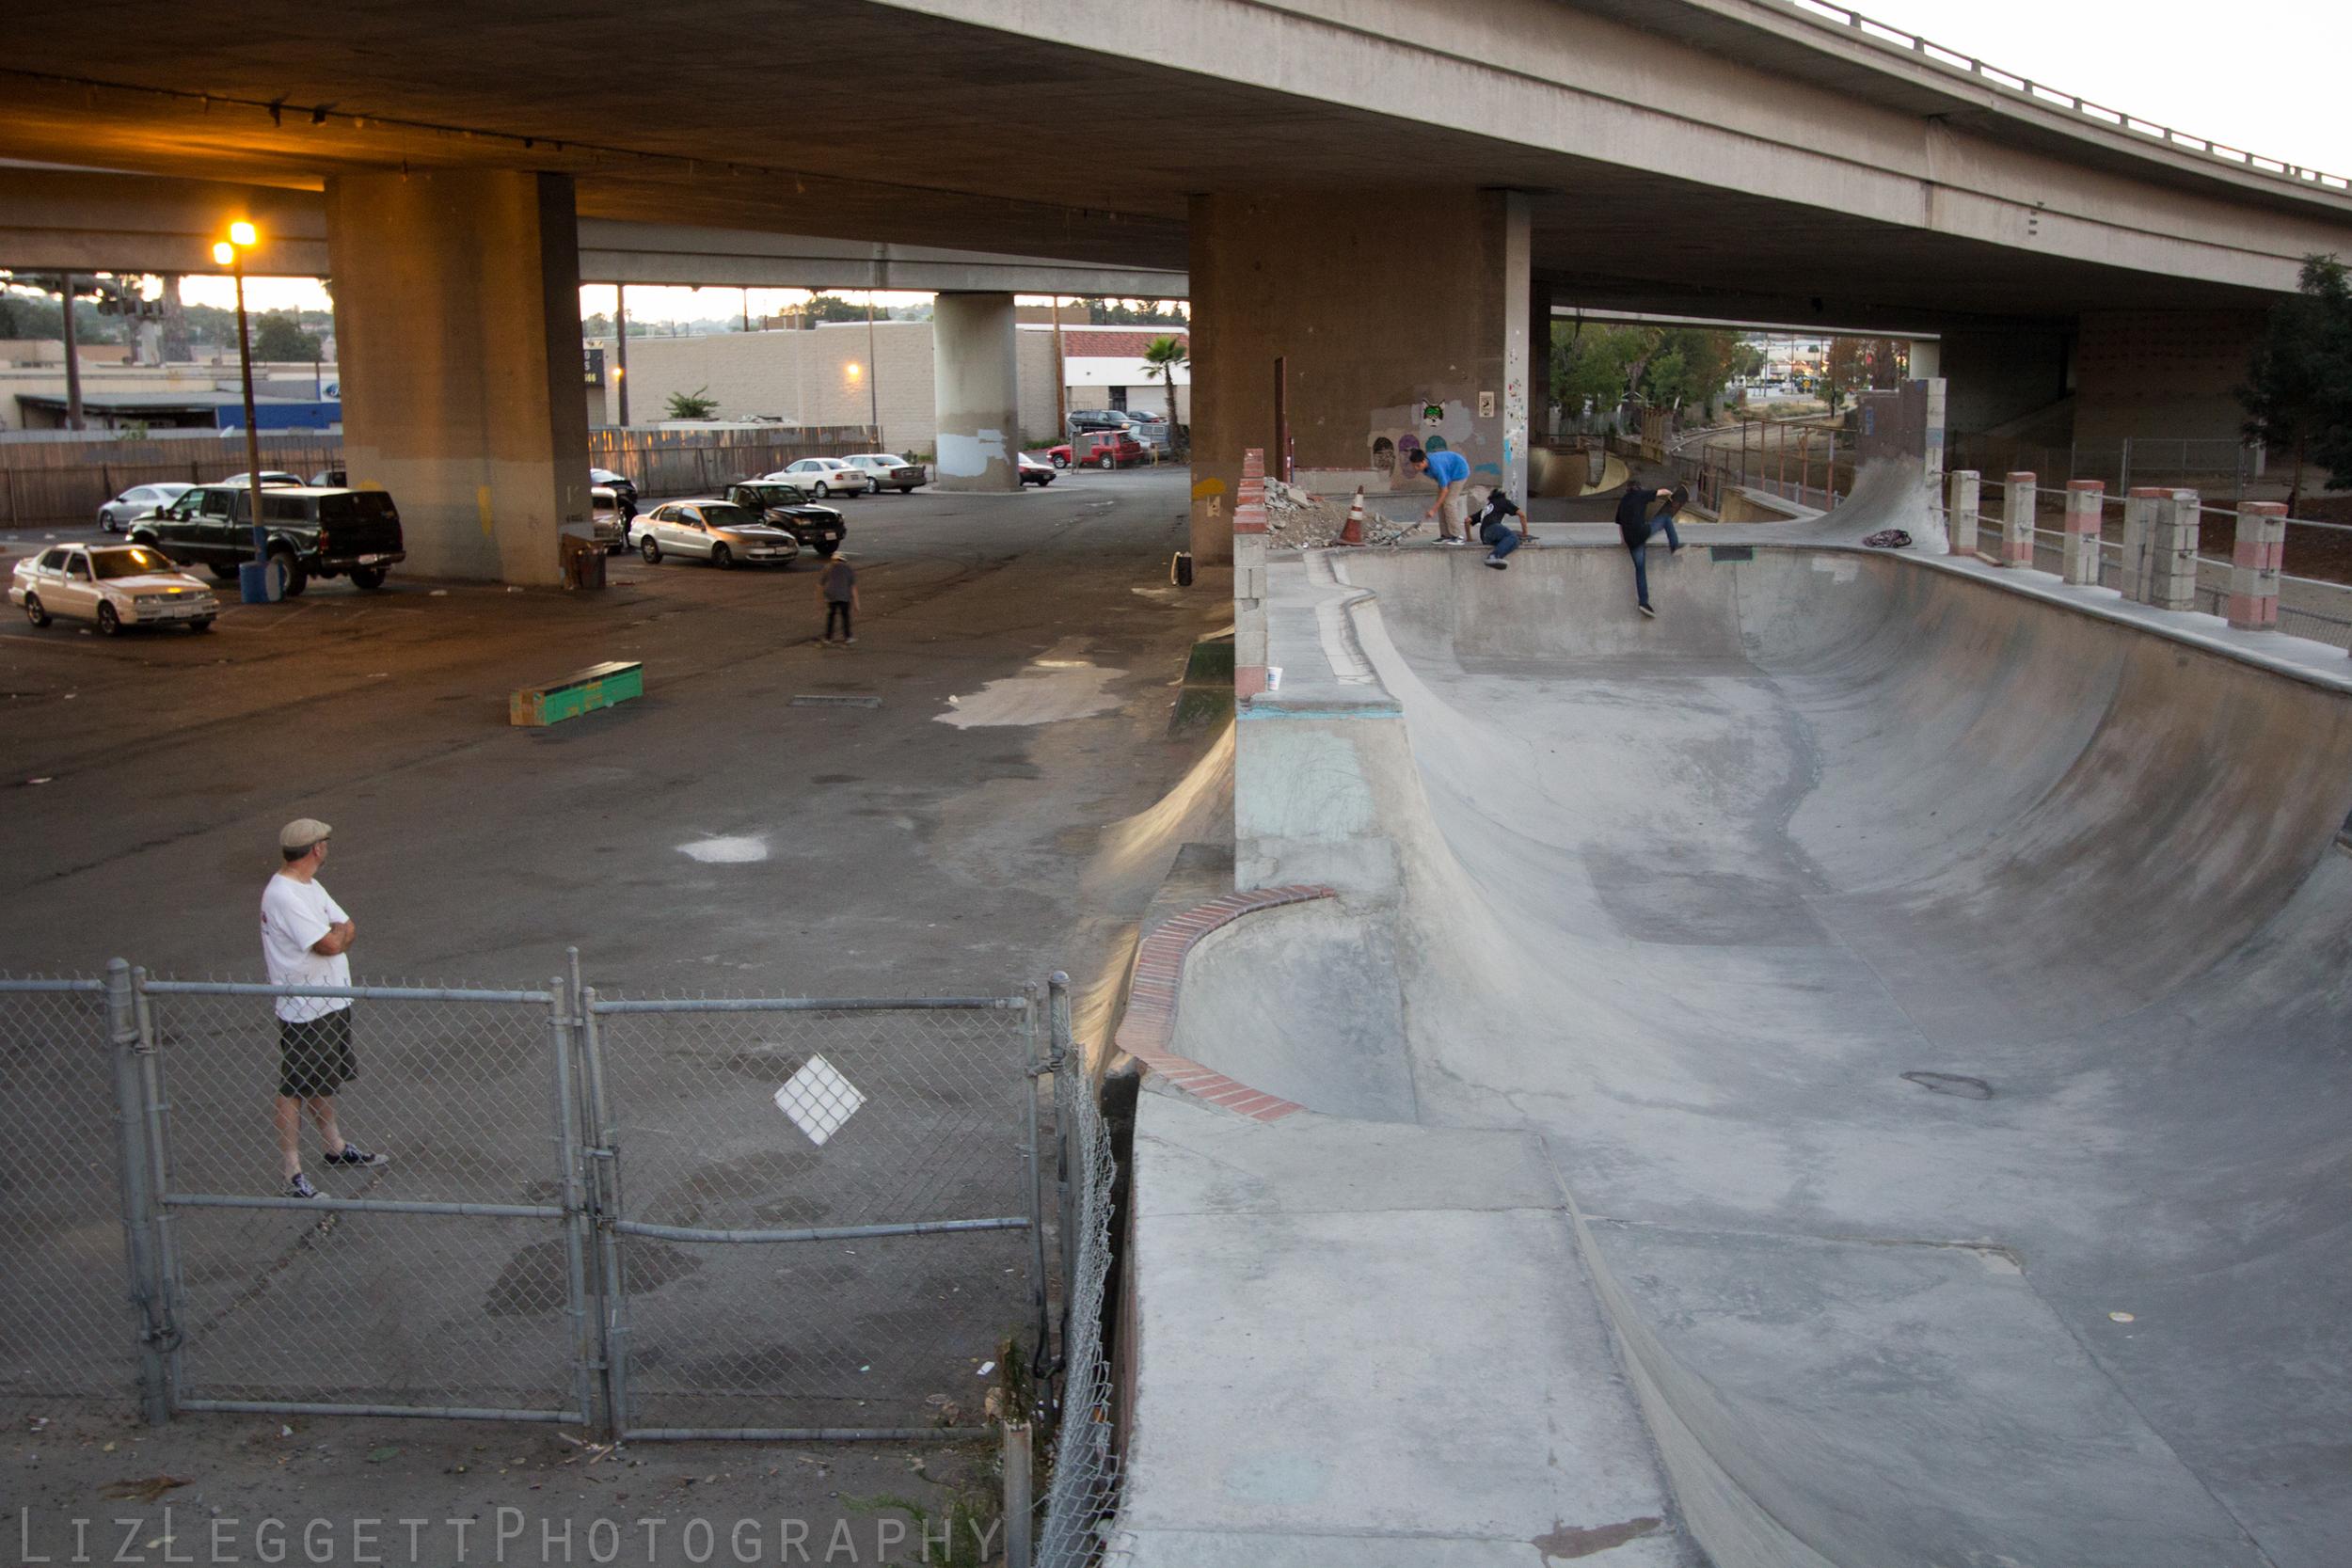 liz_leggett_photography_skatepark_watermarked-0282.jpg